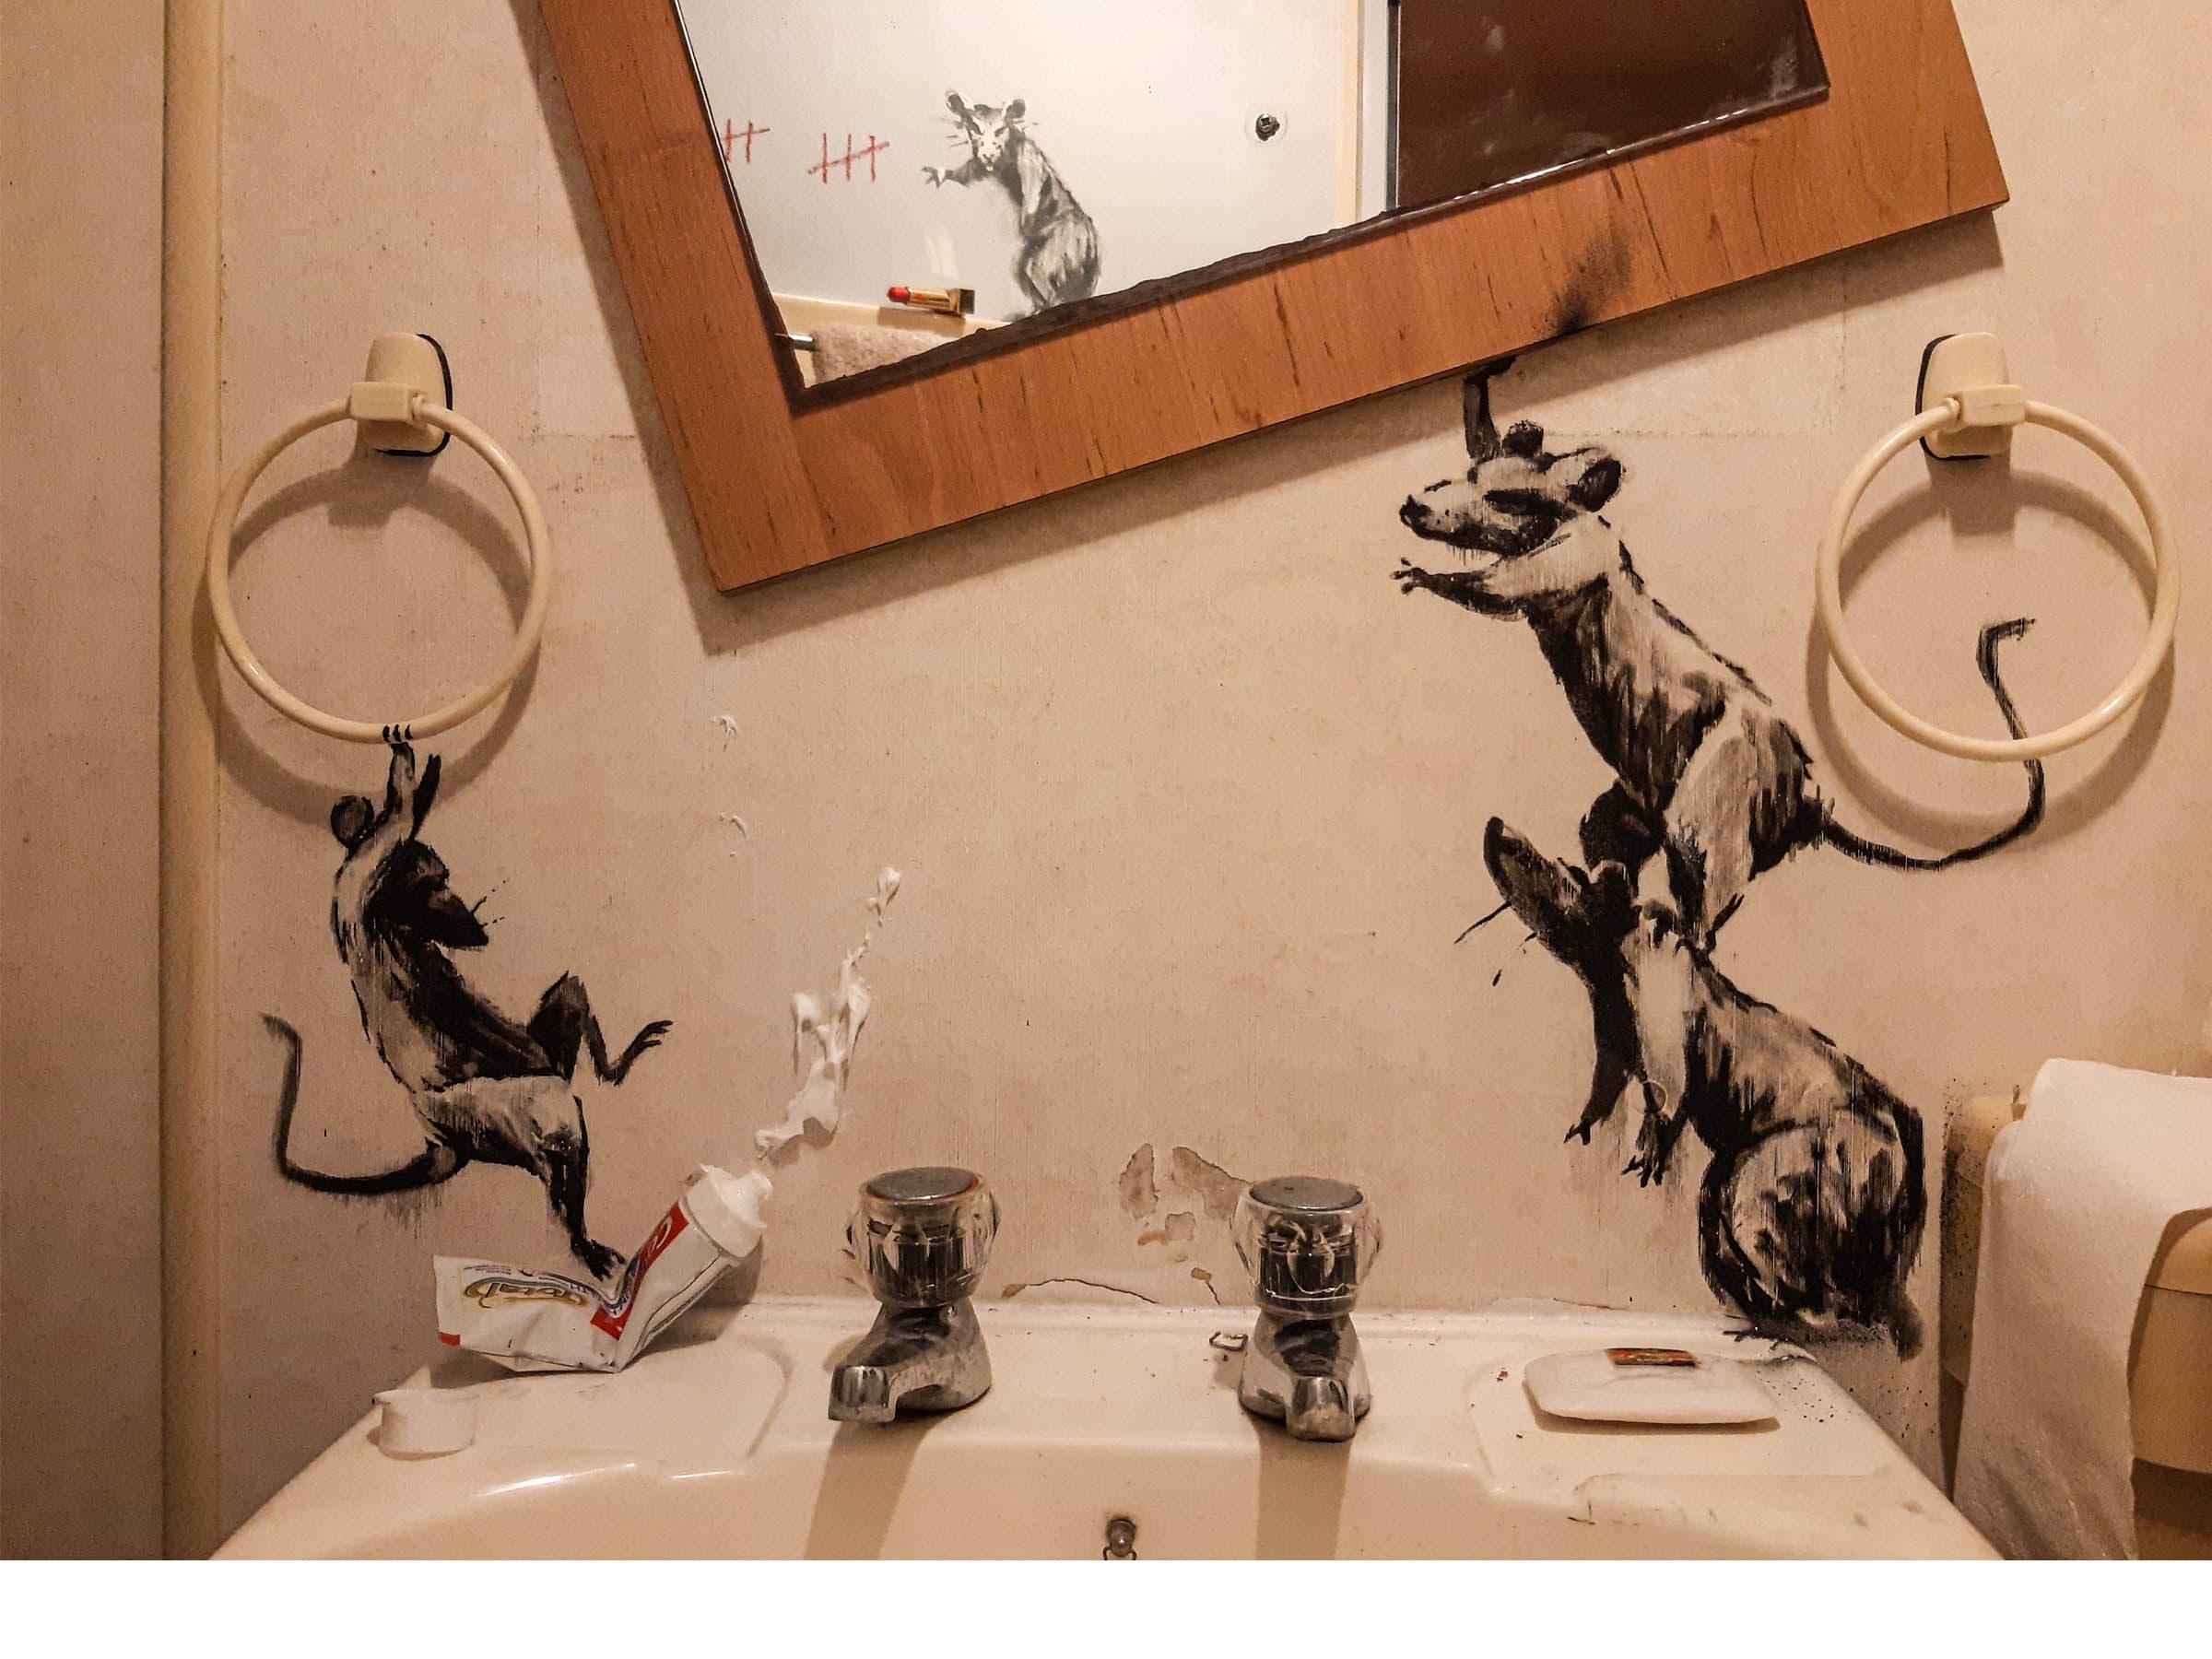 Banksy Covid-19 Rat Installation